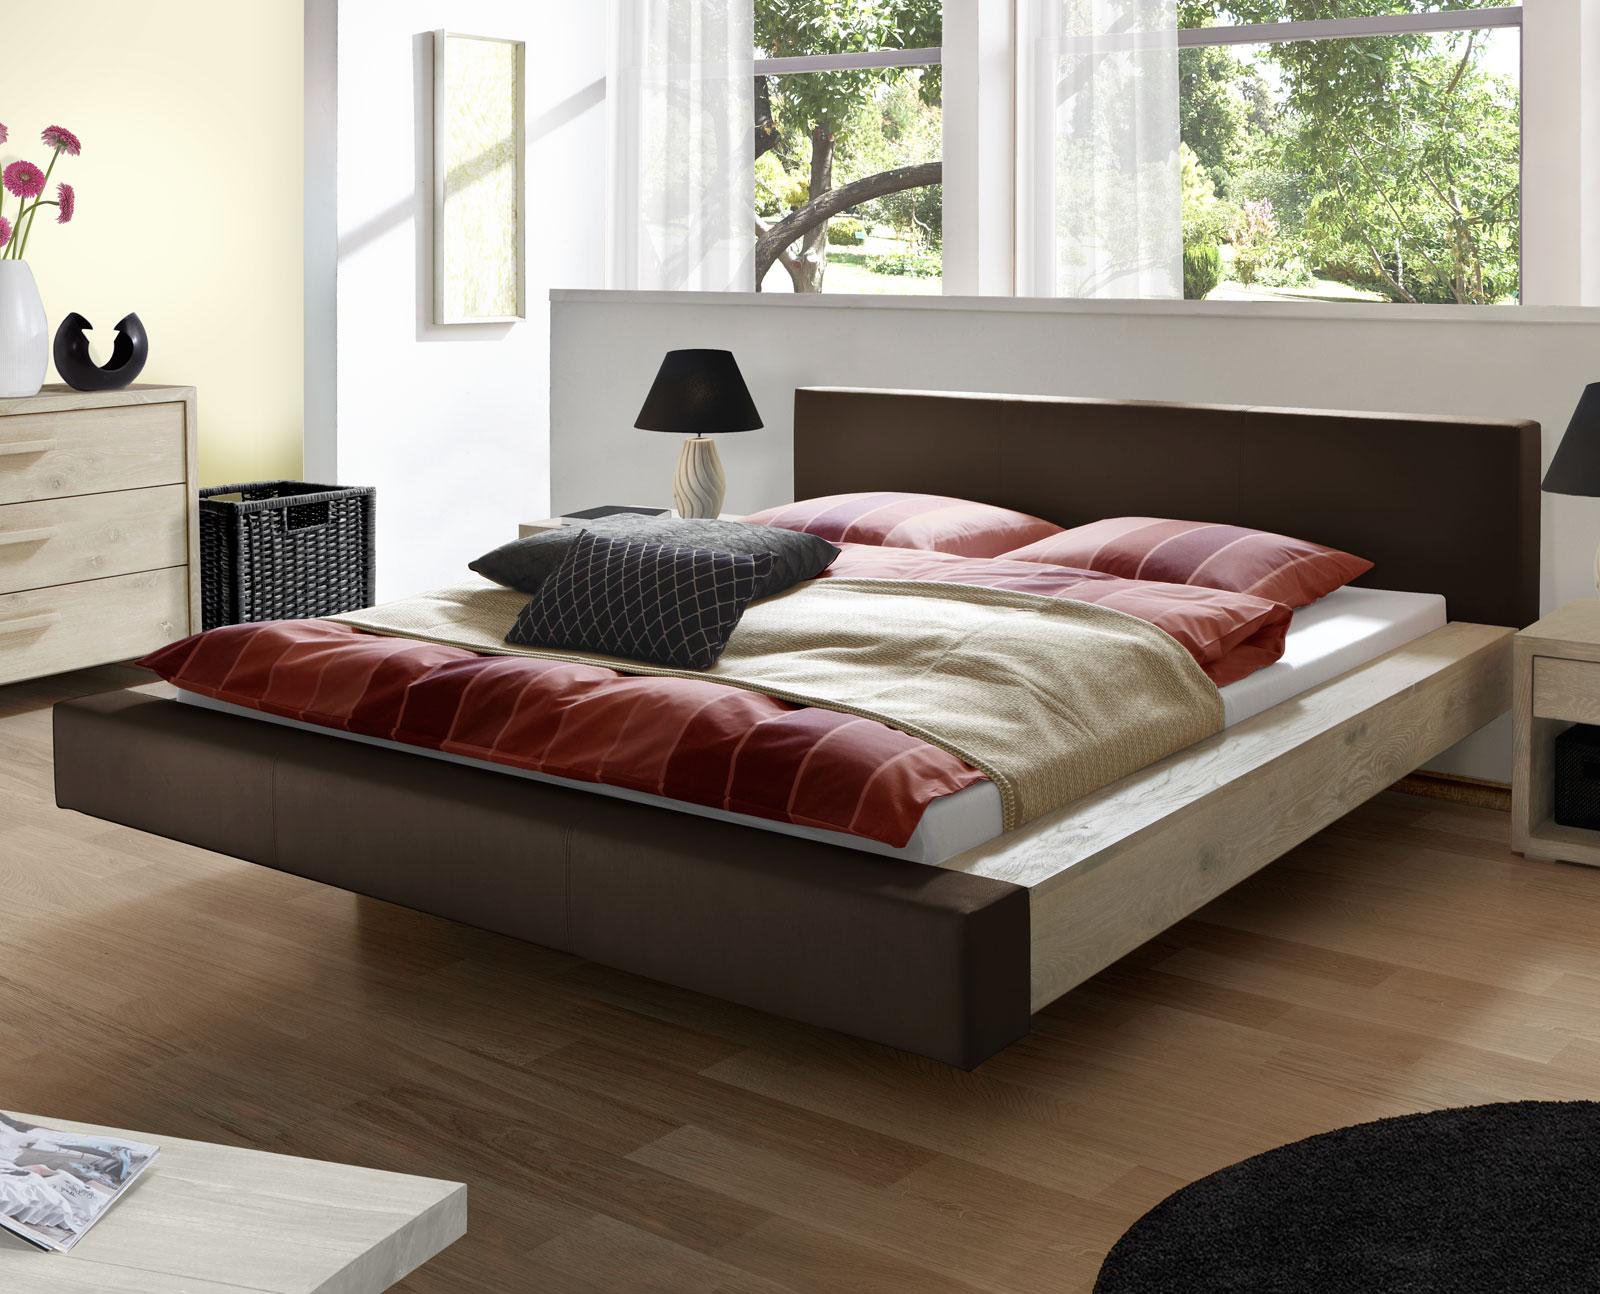 Bett schwebend mit Echtleder und Massivholz - Vilar